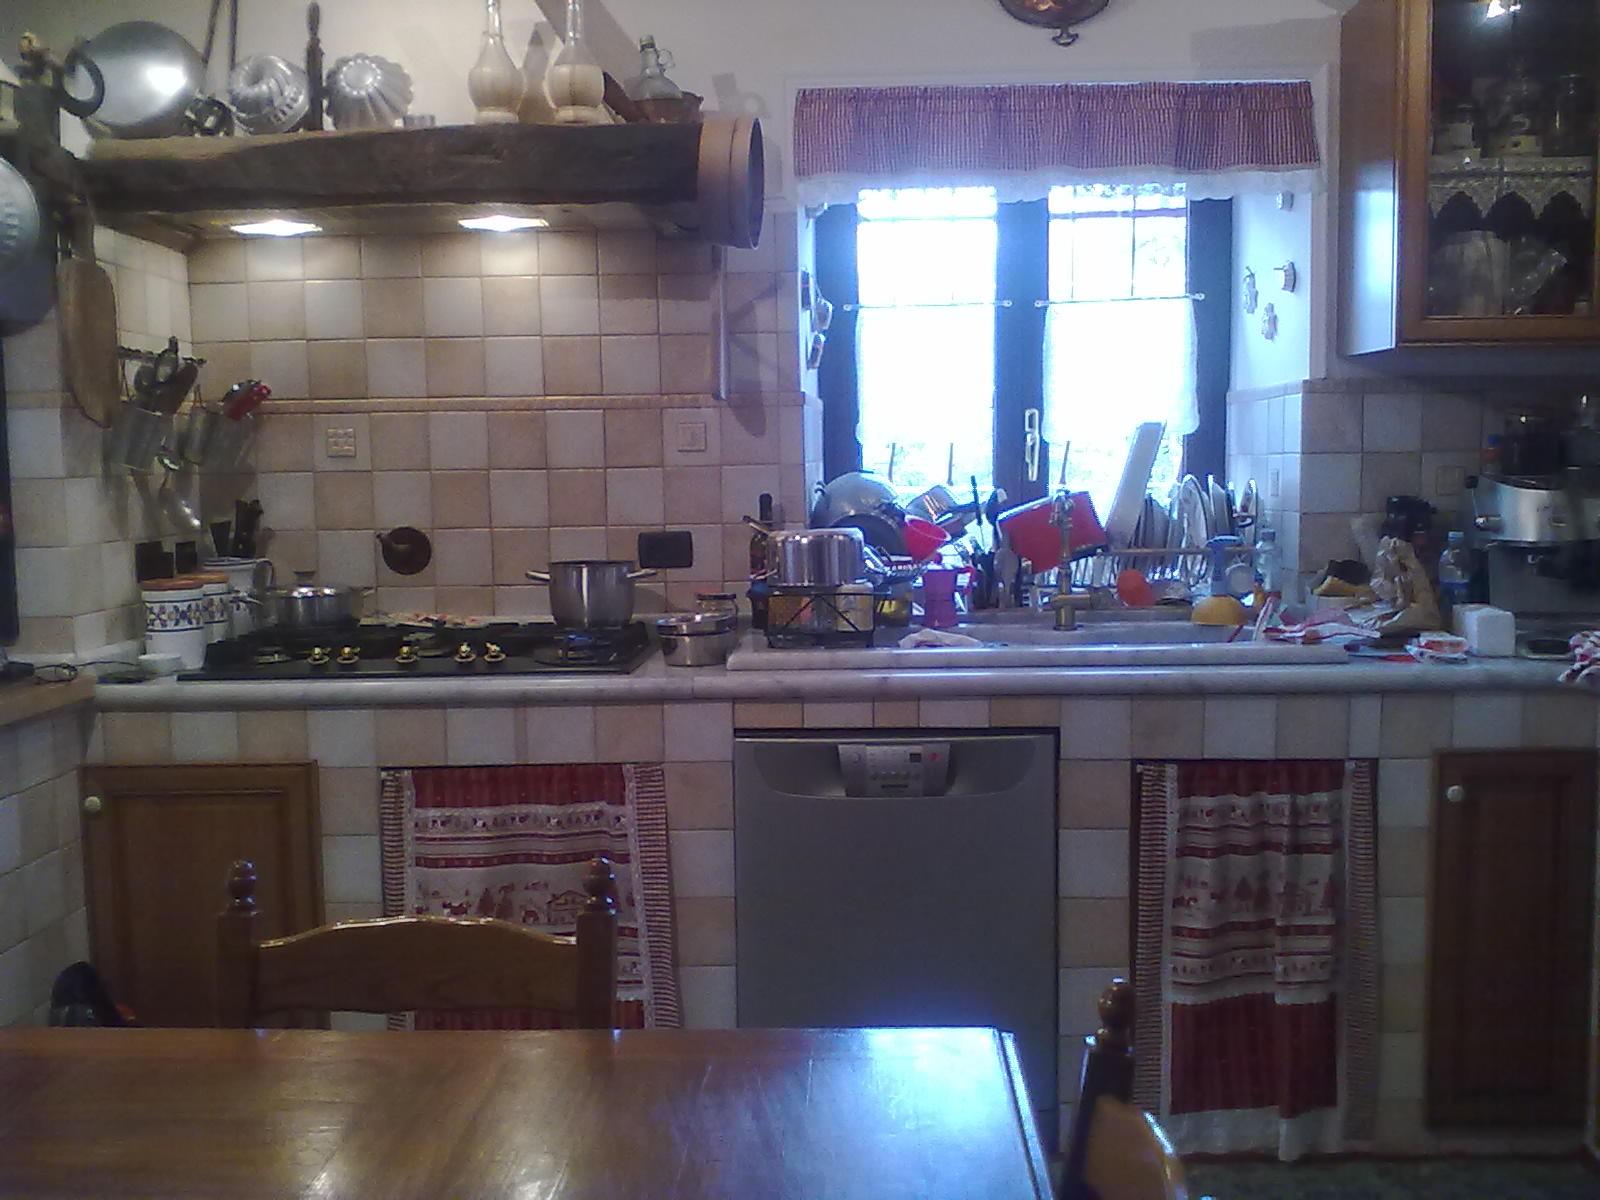 Cucine con finestra sopra lavello ts73 regardsdefemmes - Cucine moderne ad angolo con finestra ...